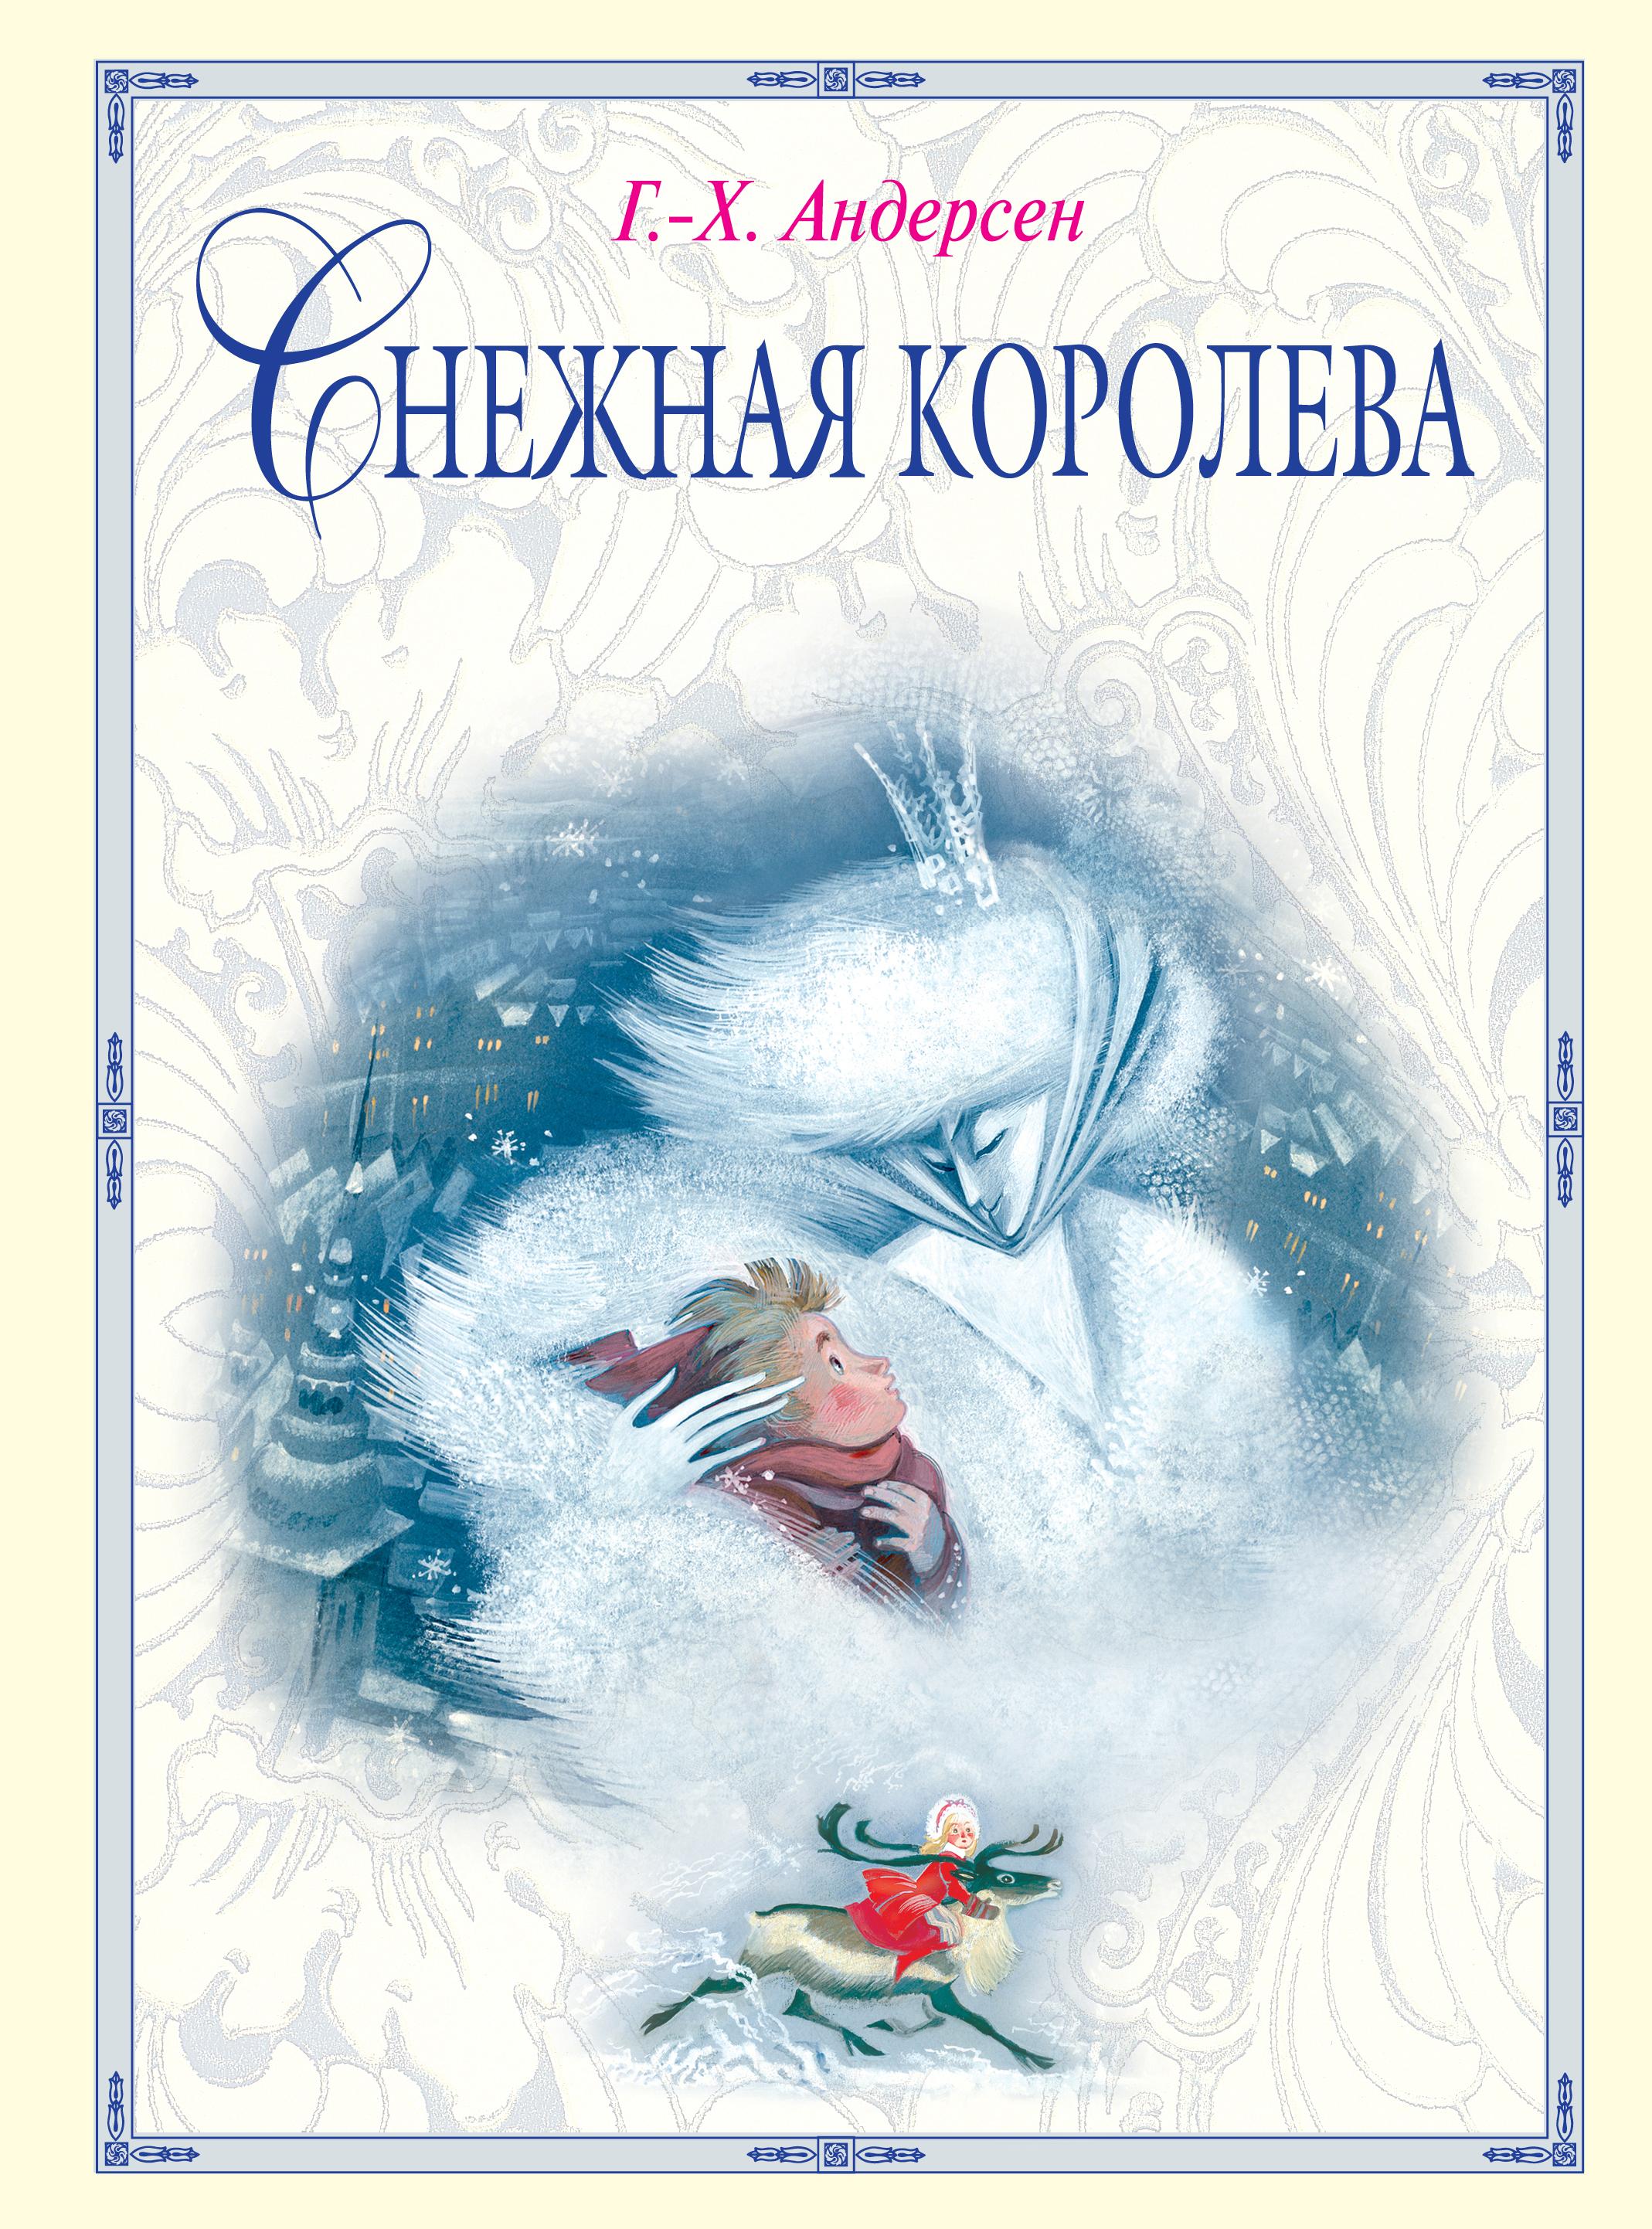 Ганс христиан андерсен снежная королева скачать pdf